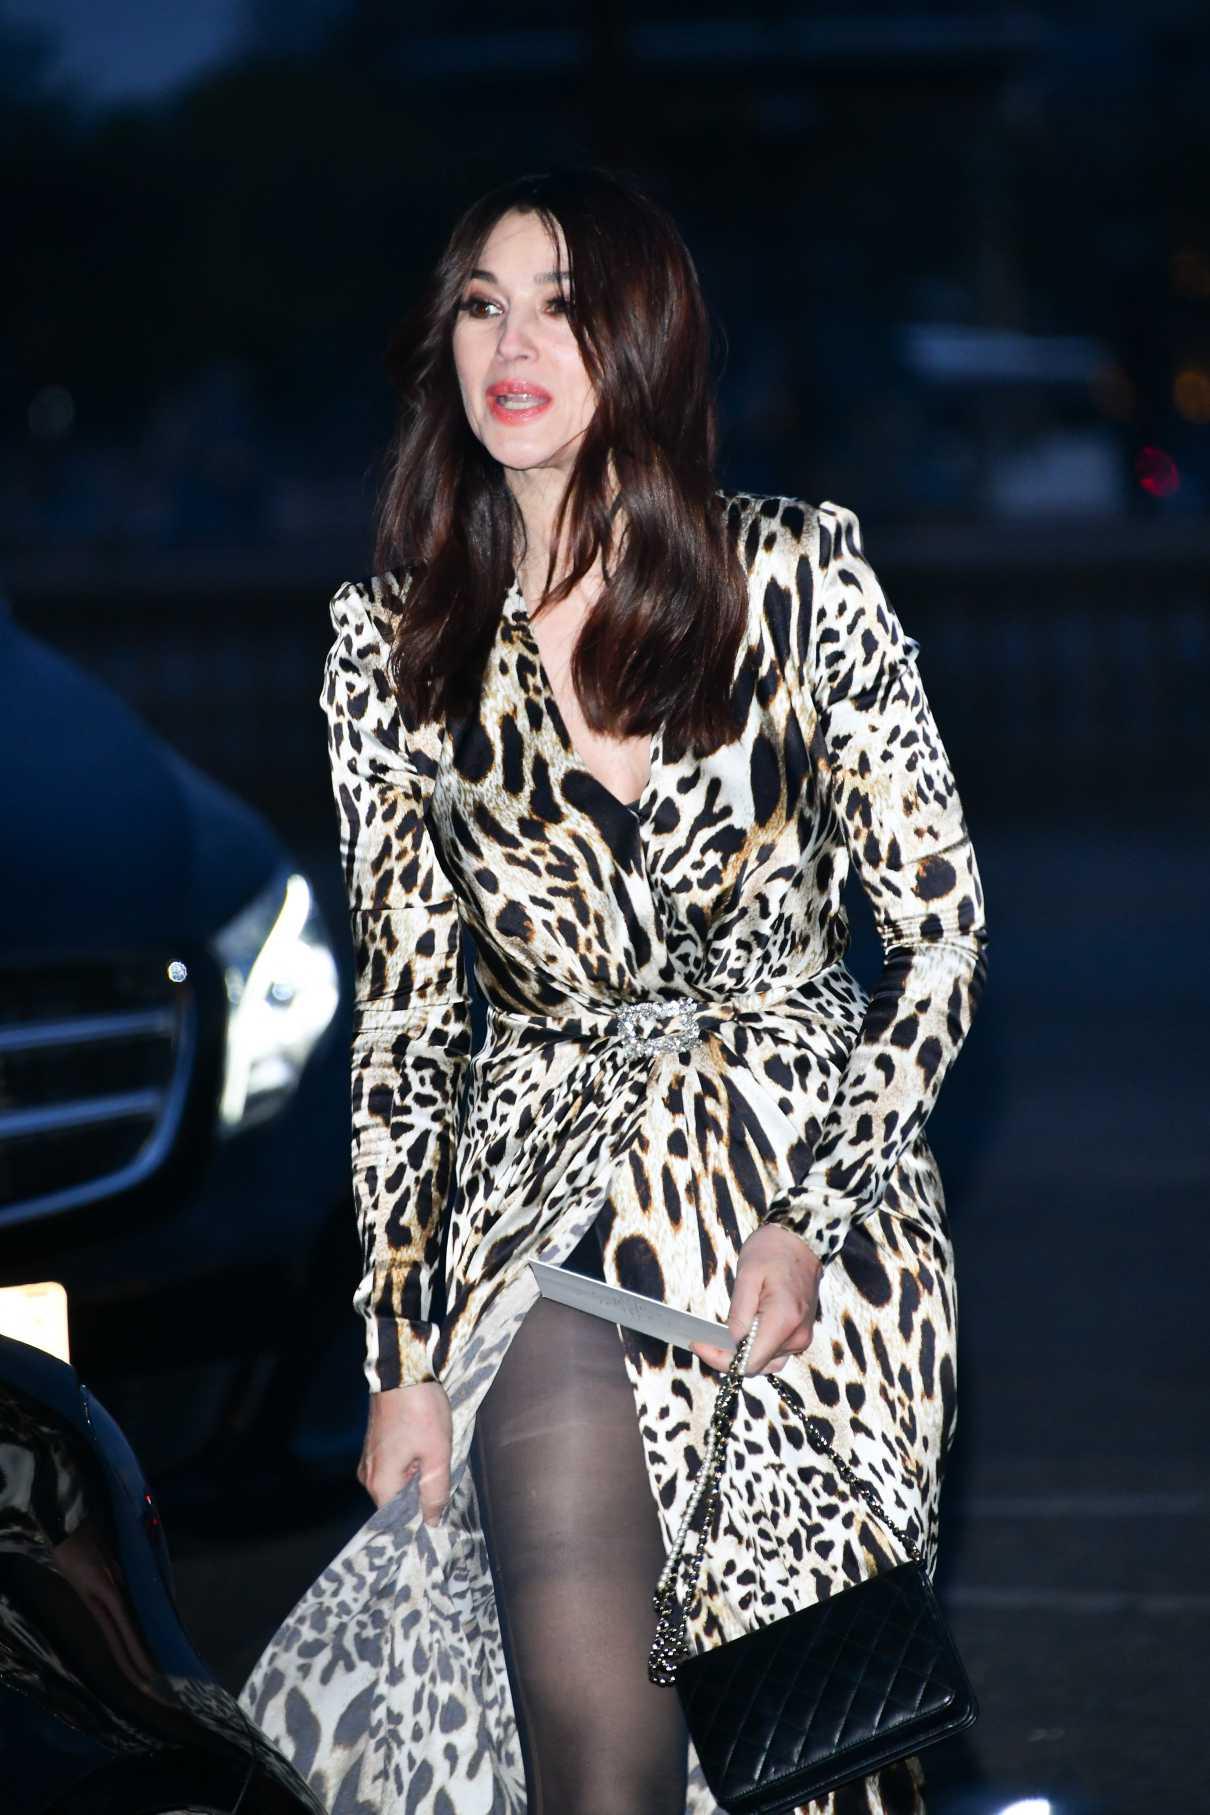 Monica Bellucci in a Leopard Print Dress